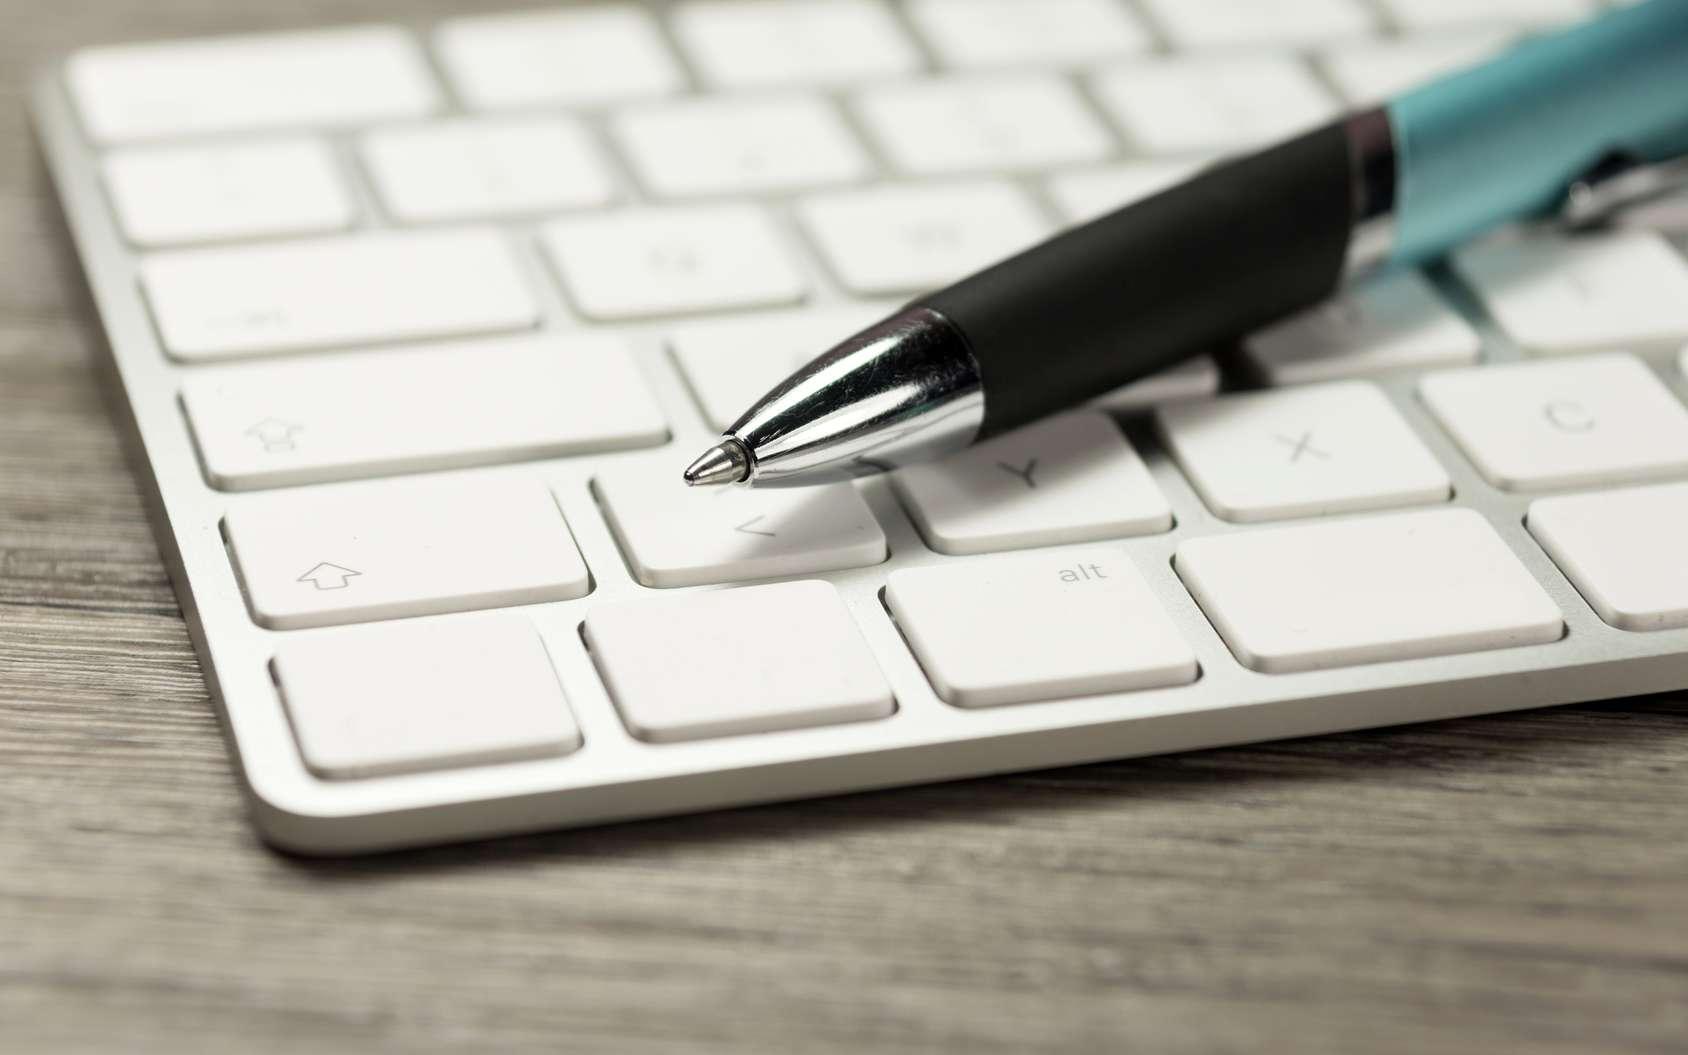 Il est possible de mettre des cases à cocher dans un texte Word, que ce soit pour des documents à imprimer ou des documents numériques. © stadtratte, fotolia